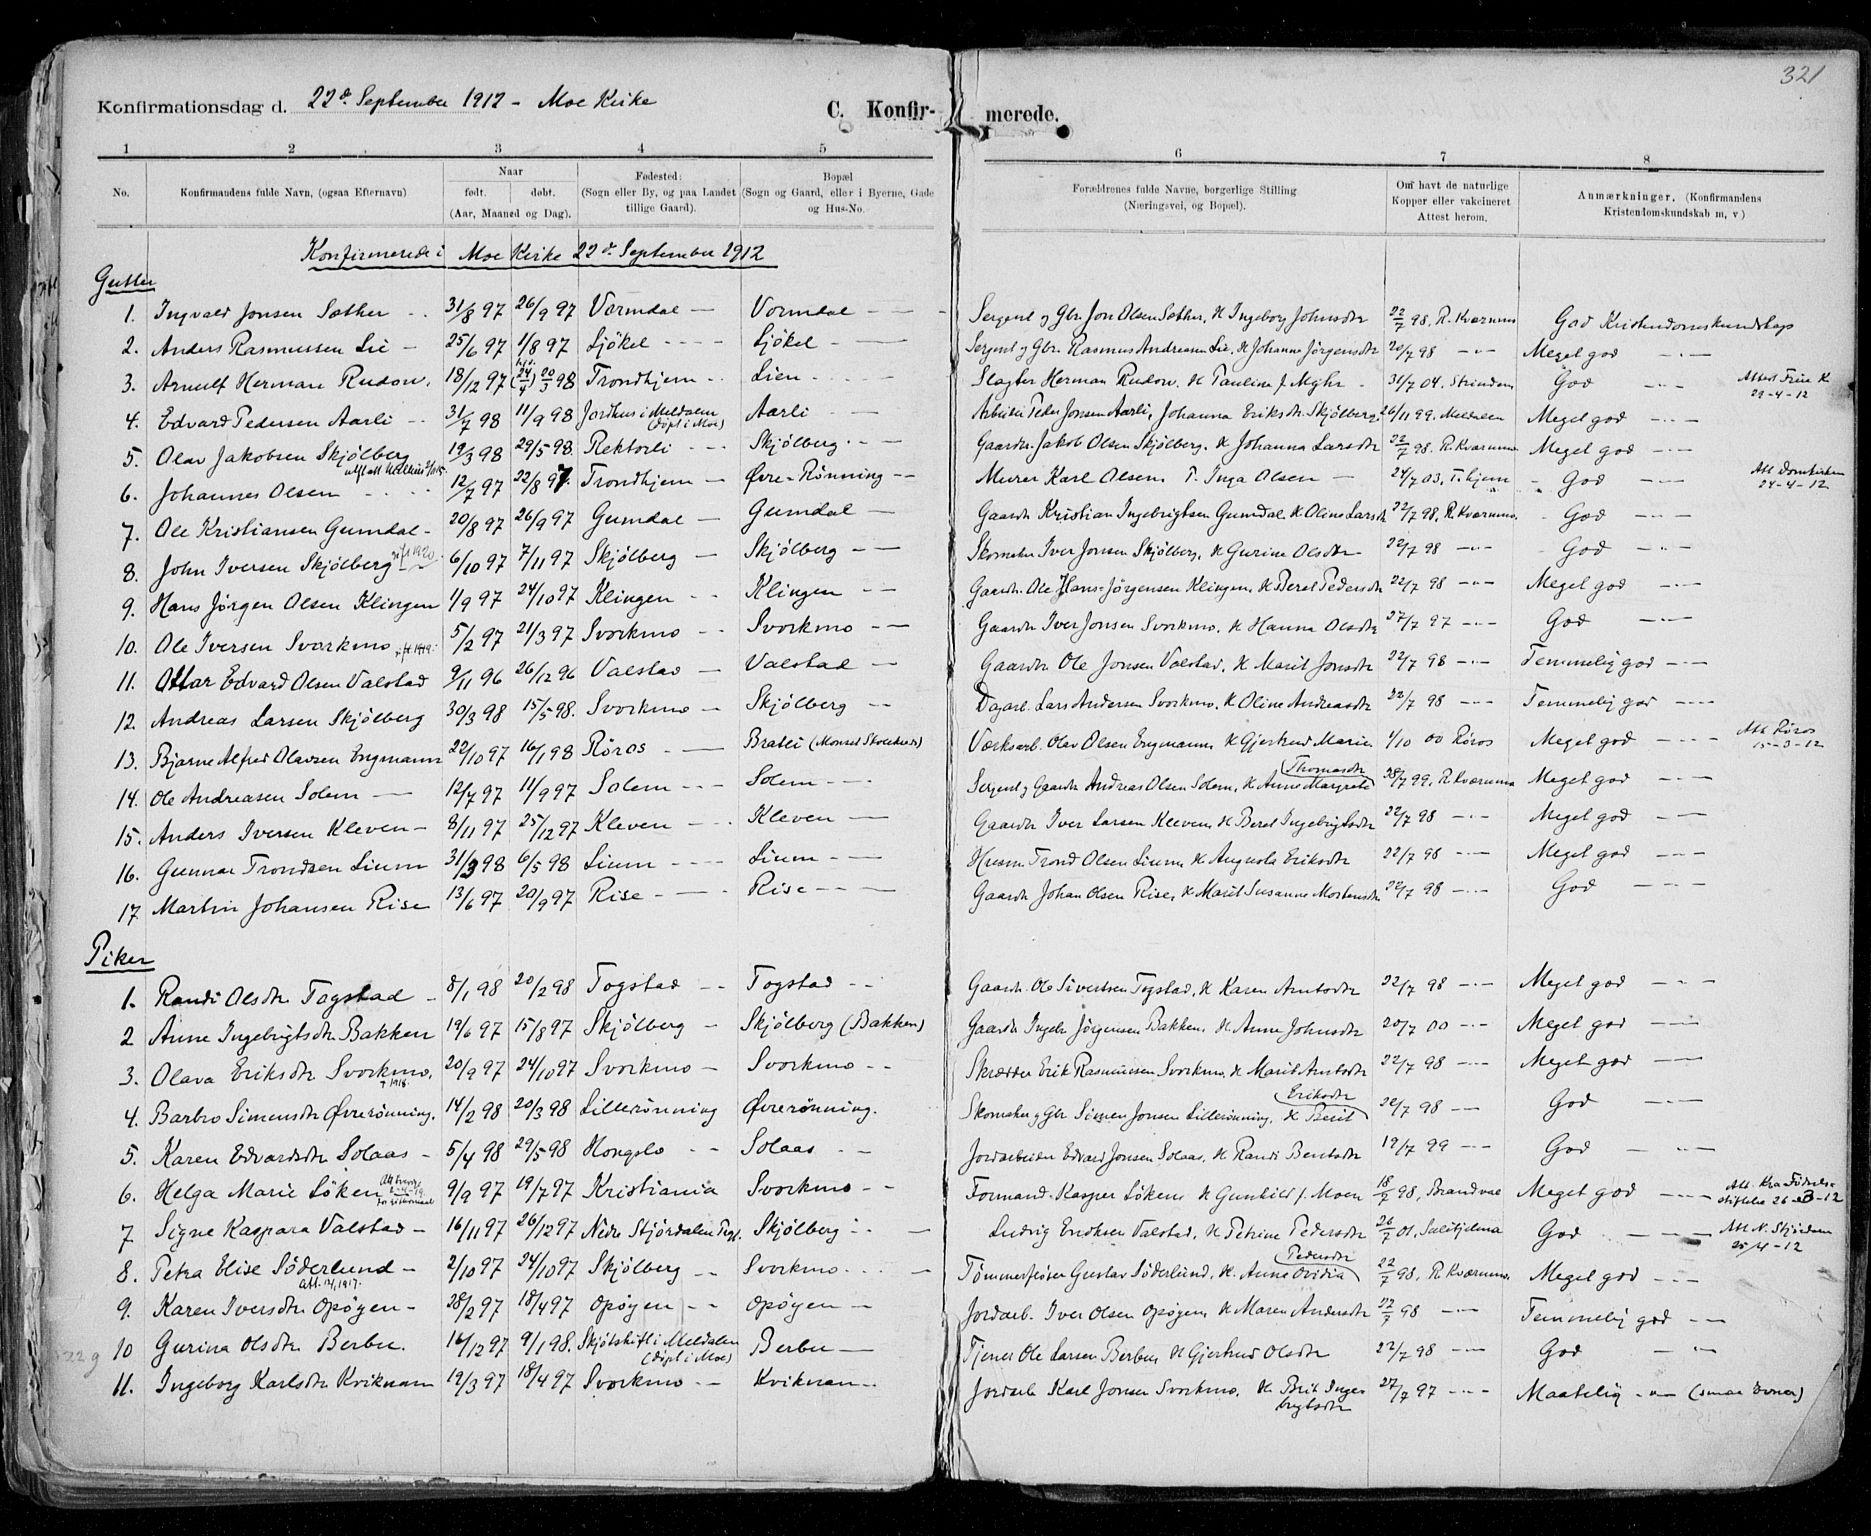 SAT, Ministerialprotokoller, klokkerbøker og fødselsregistre - Sør-Trøndelag, 668/L0811: Ministerialbok nr. 668A11, 1894-1913, s. 321